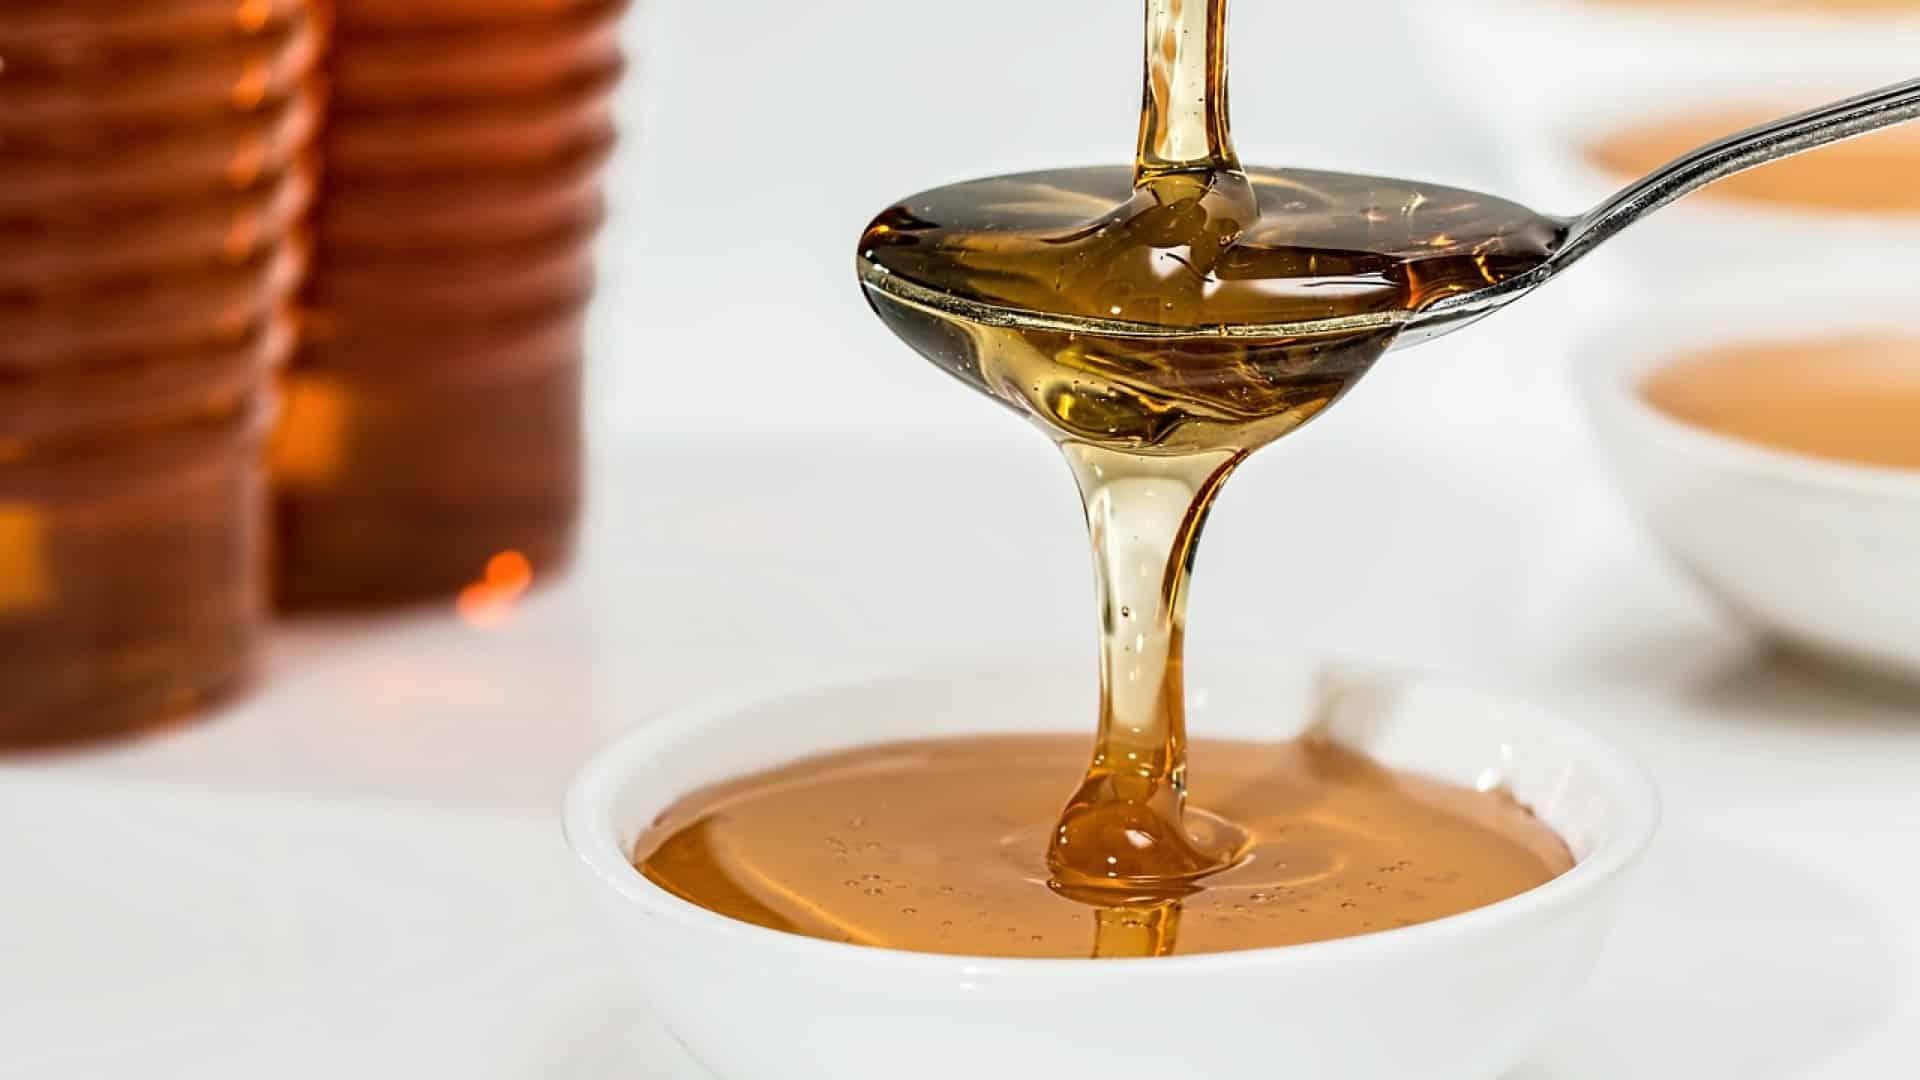 Masque de miel pour le visage : comment le faire ?